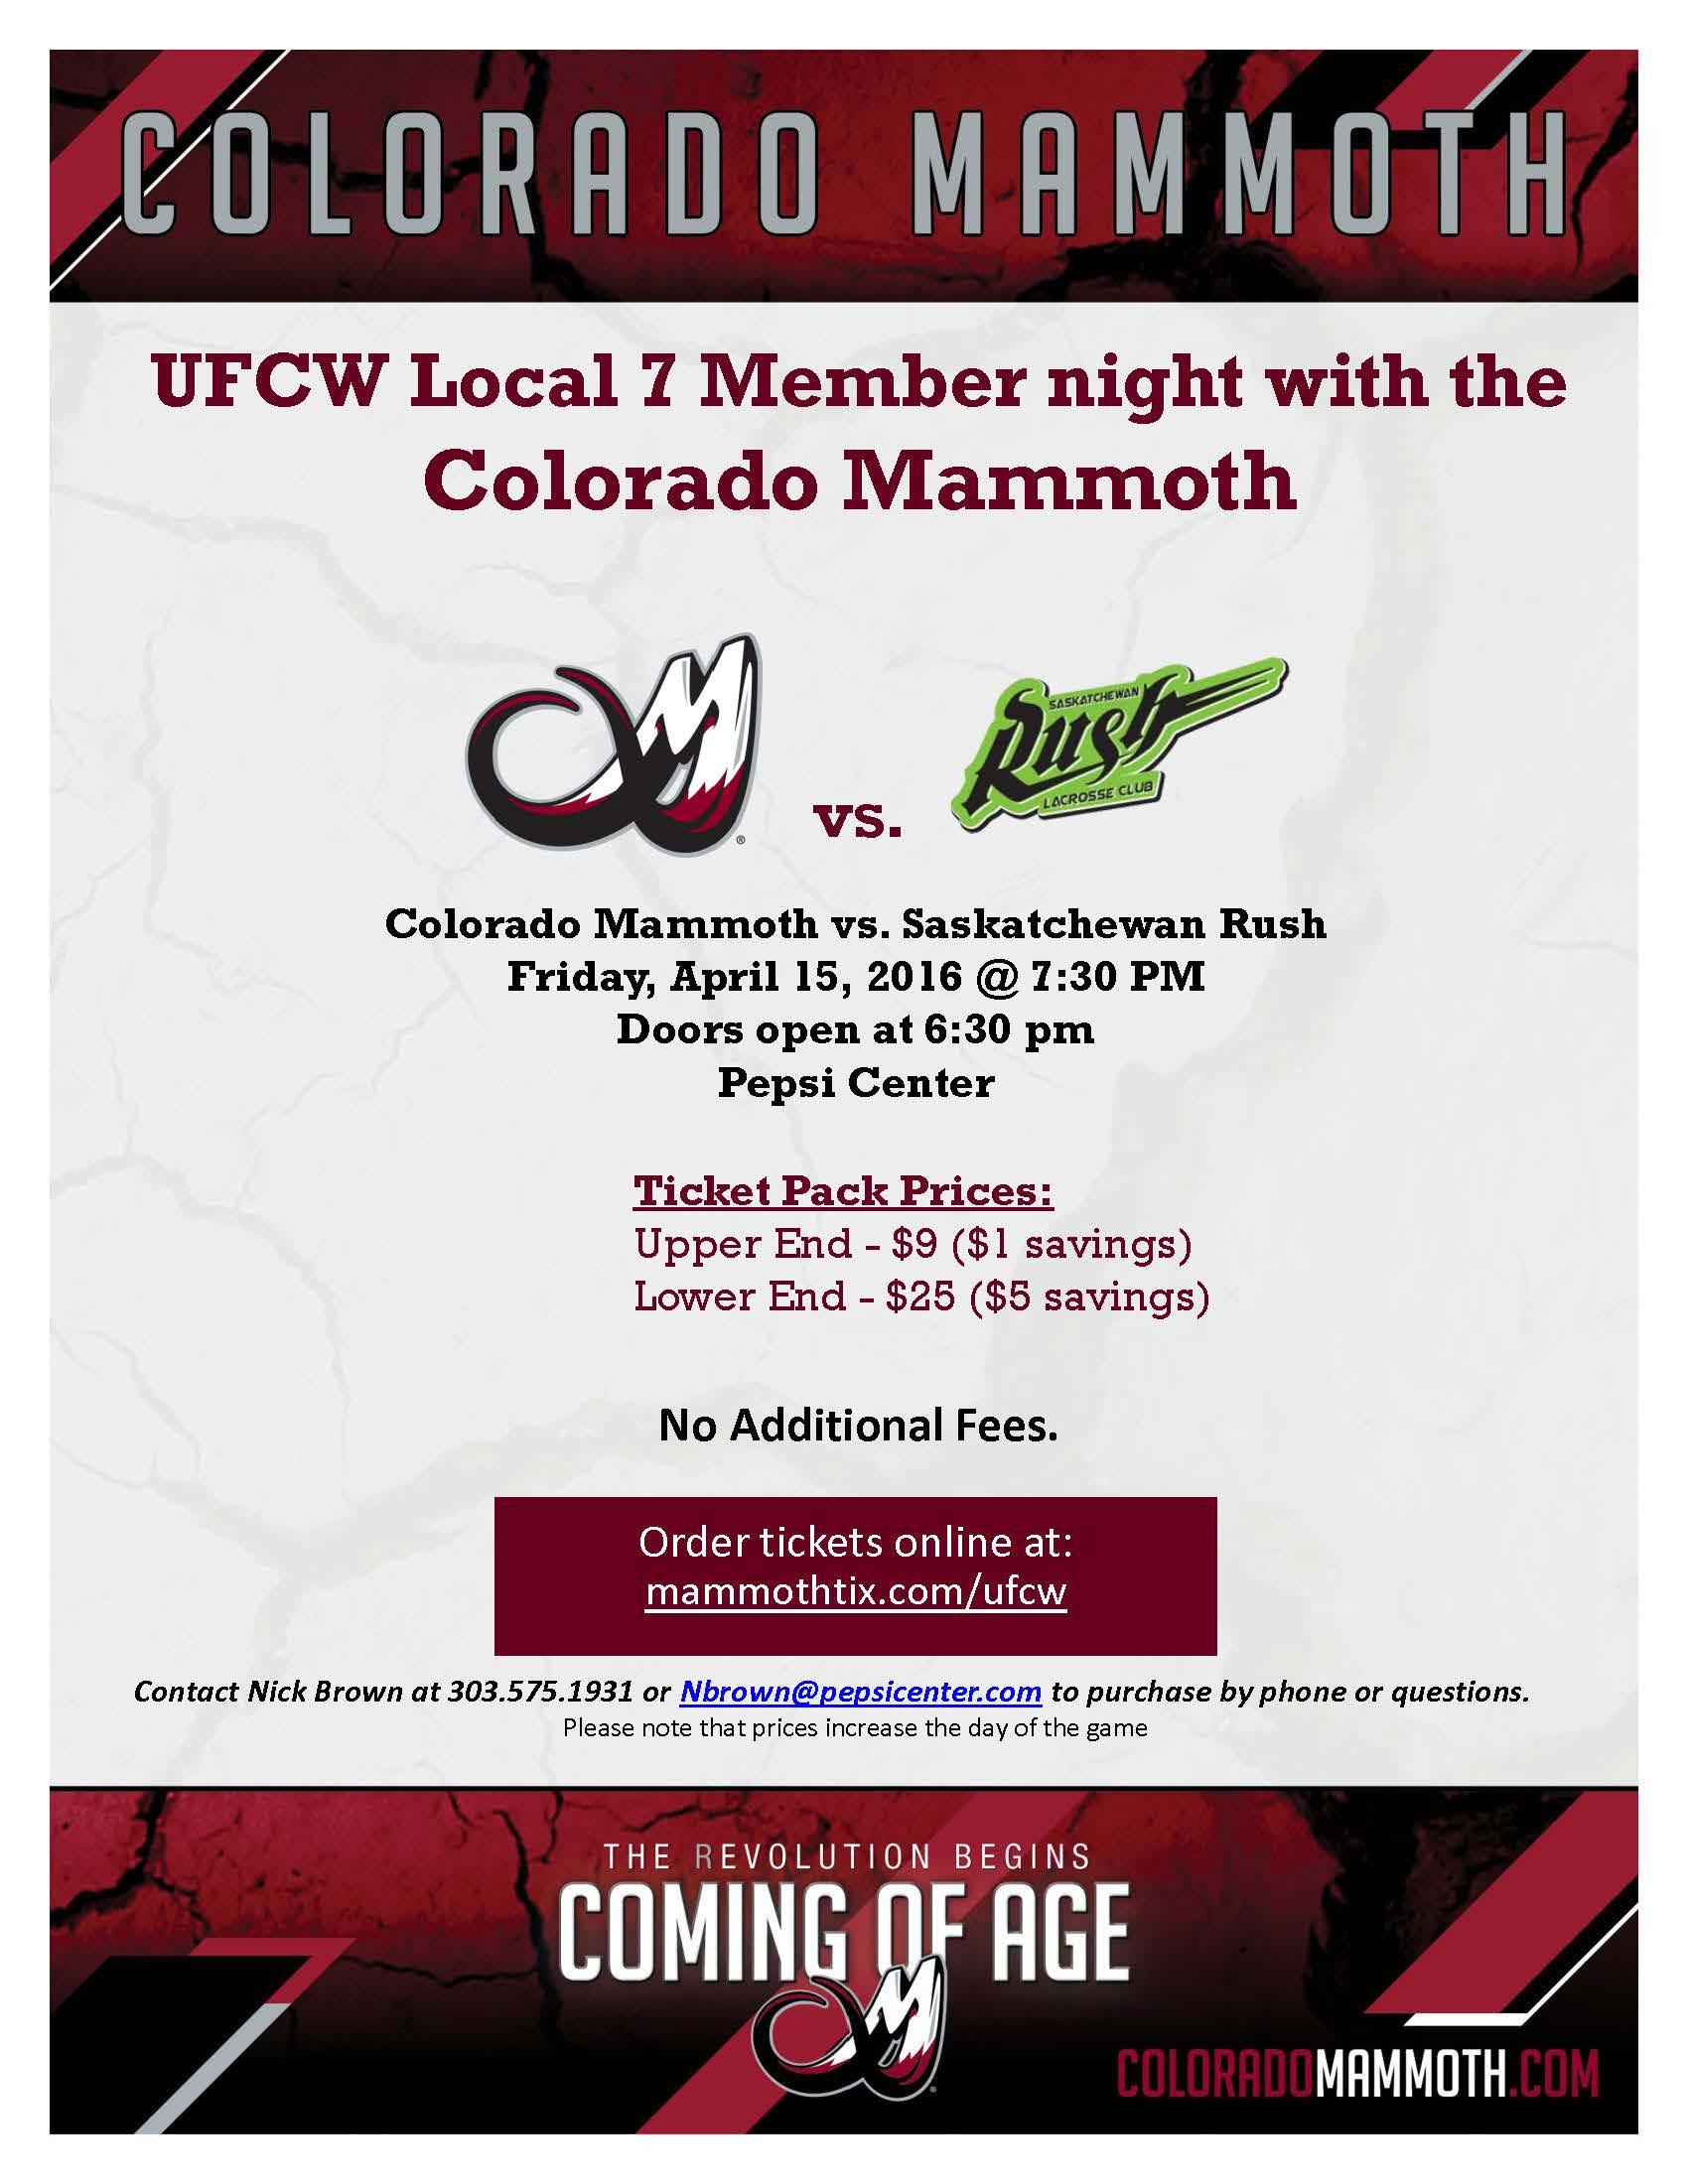 Colorado Mammoth Discounted Tickets